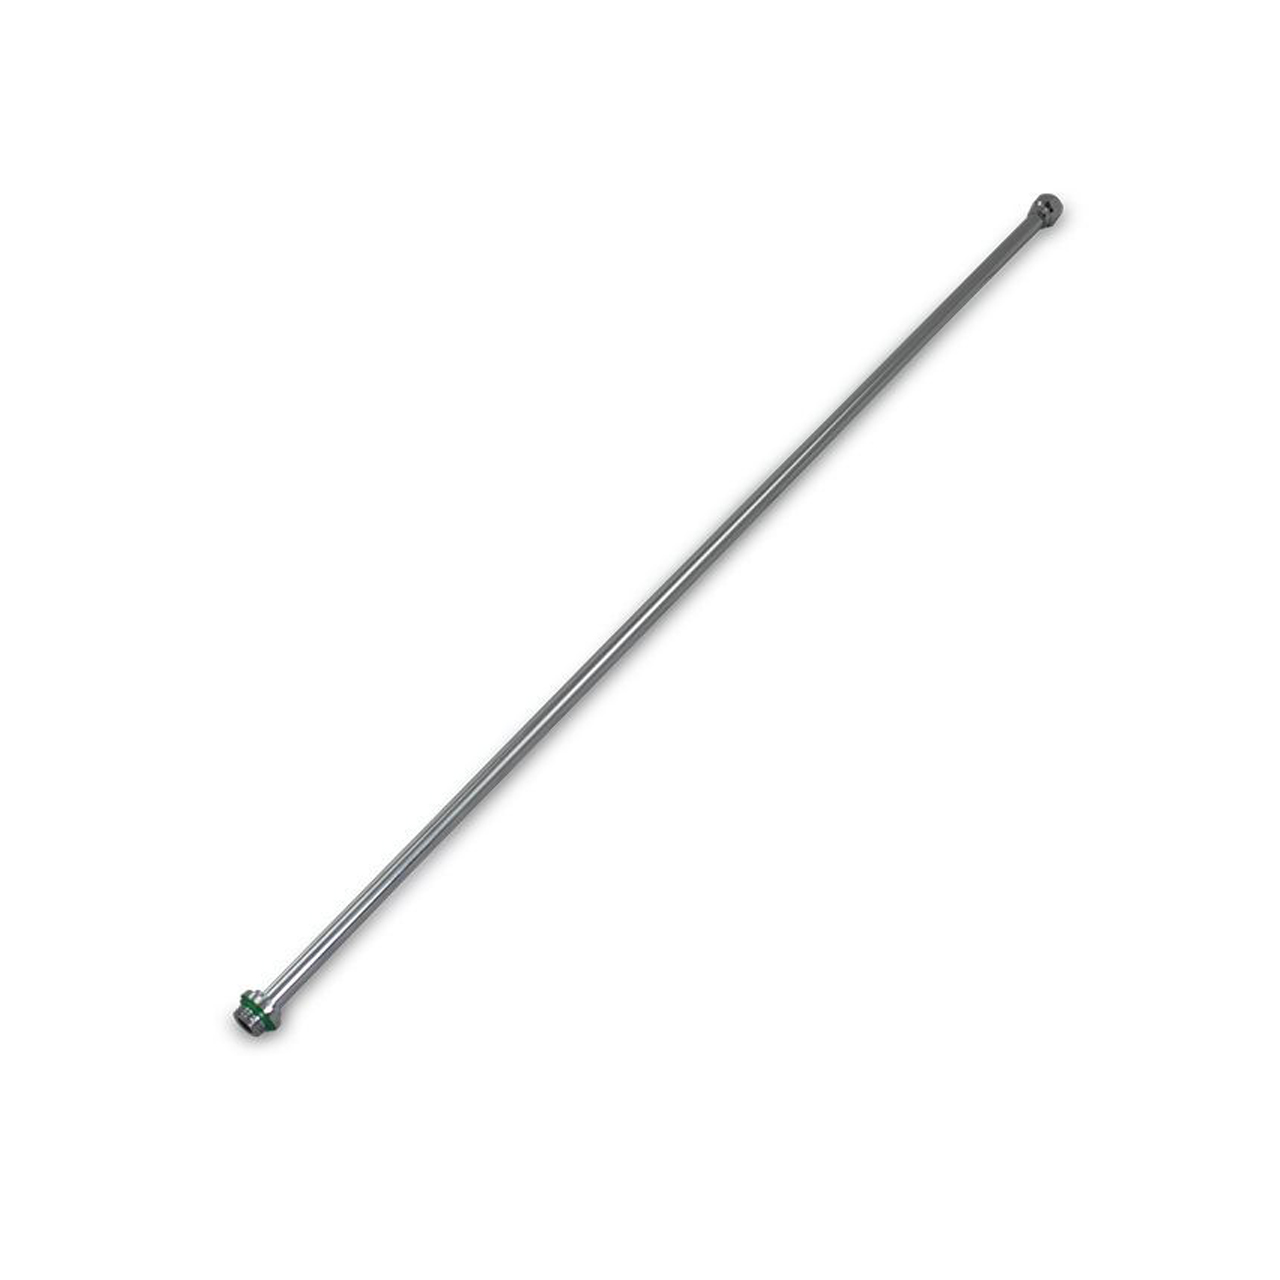 HECHT000432 - prodlužovací tyč